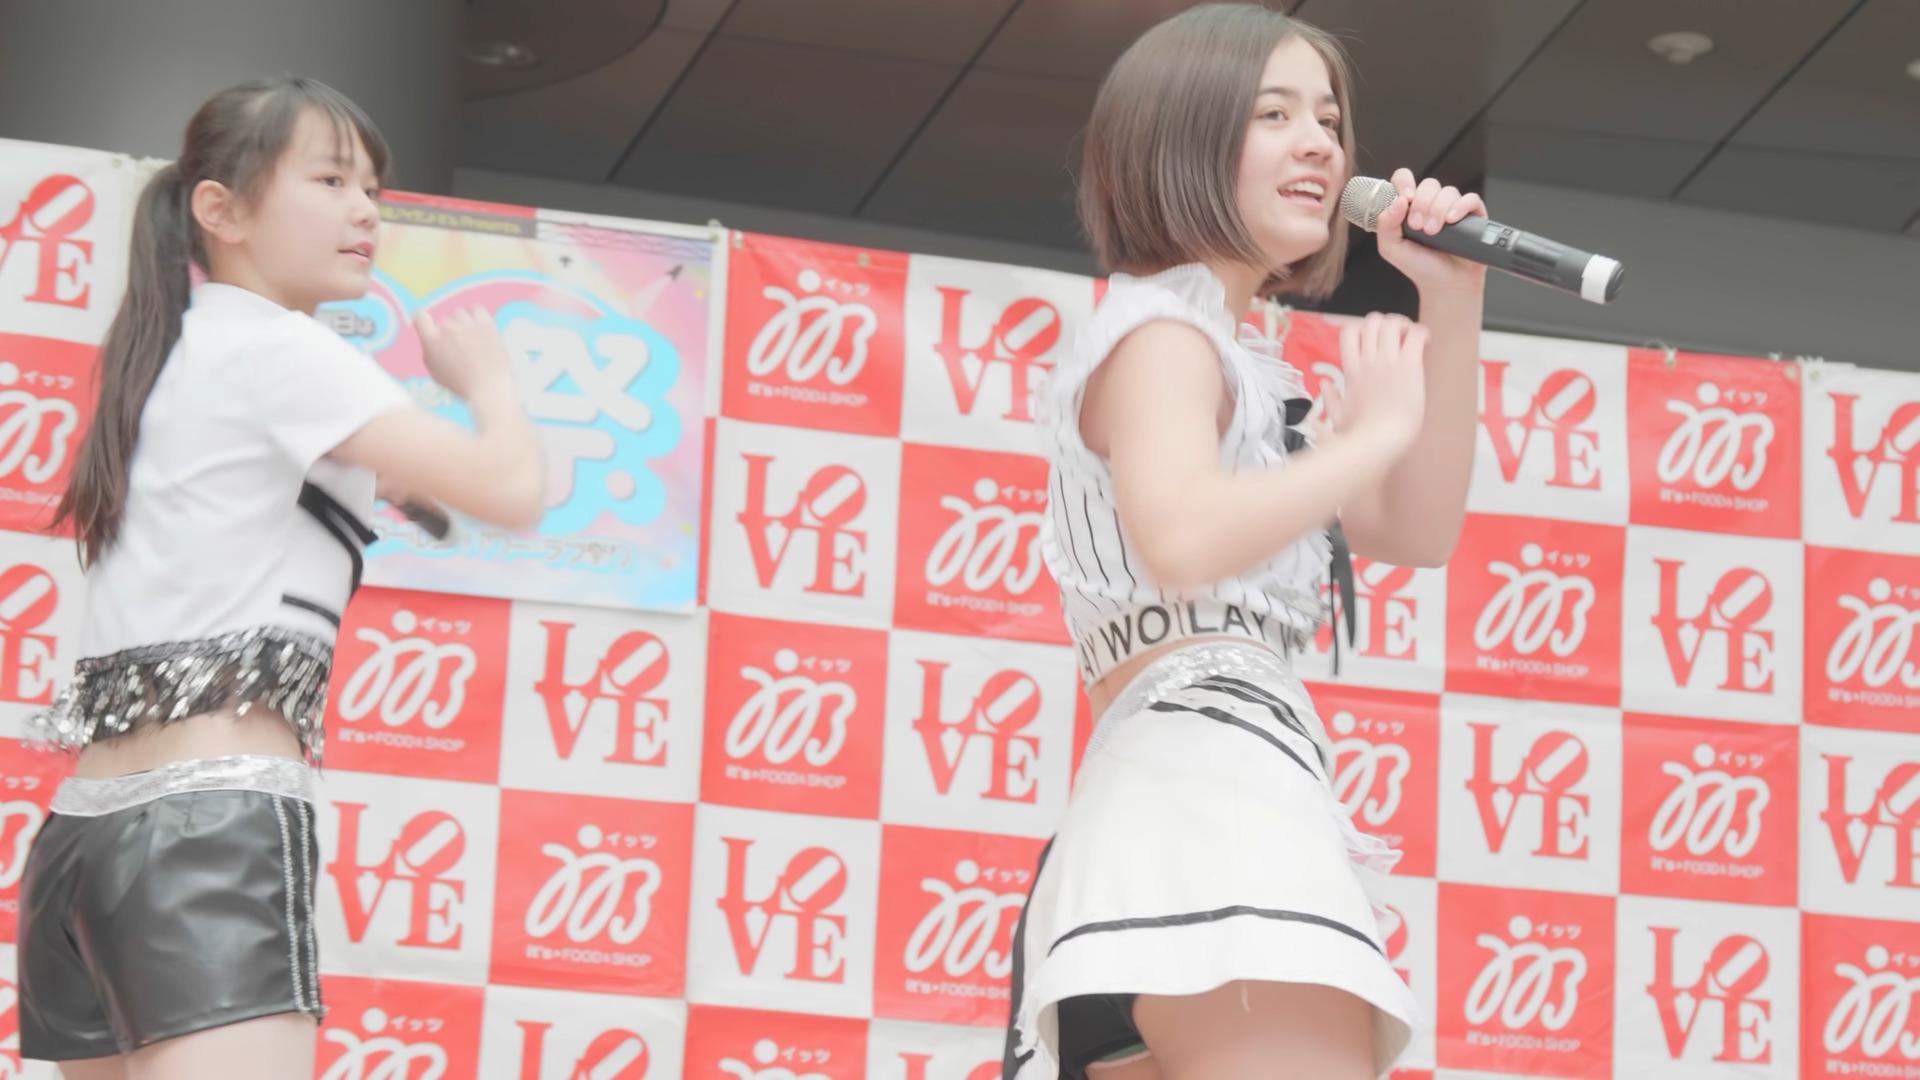 NiceToMeetYou 新宿アイランドit's prsent  GIRLS POWEP LOVE 祭り 20190112 06:17